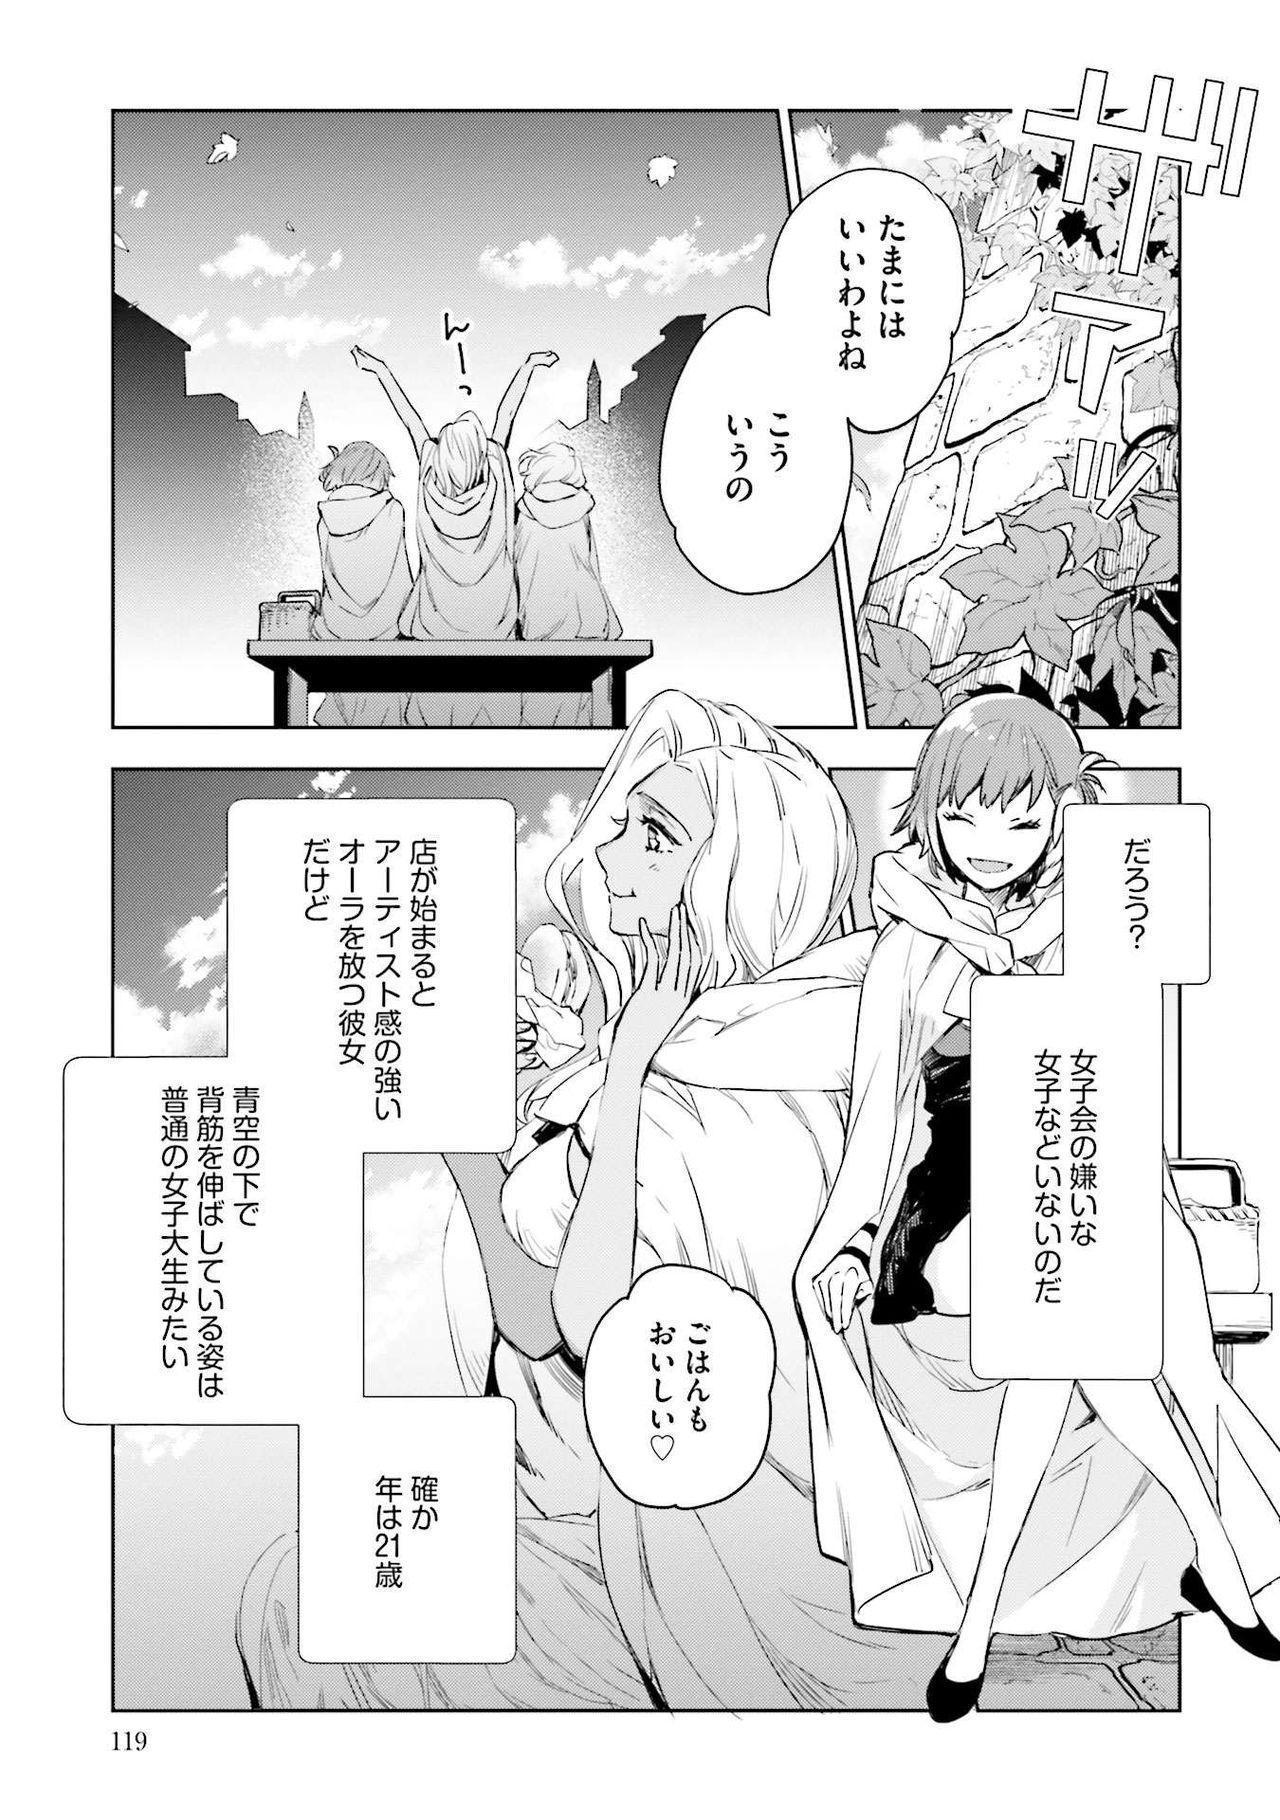 JK Haru wa Isekai de Shoufu ni Natta 1-14 120